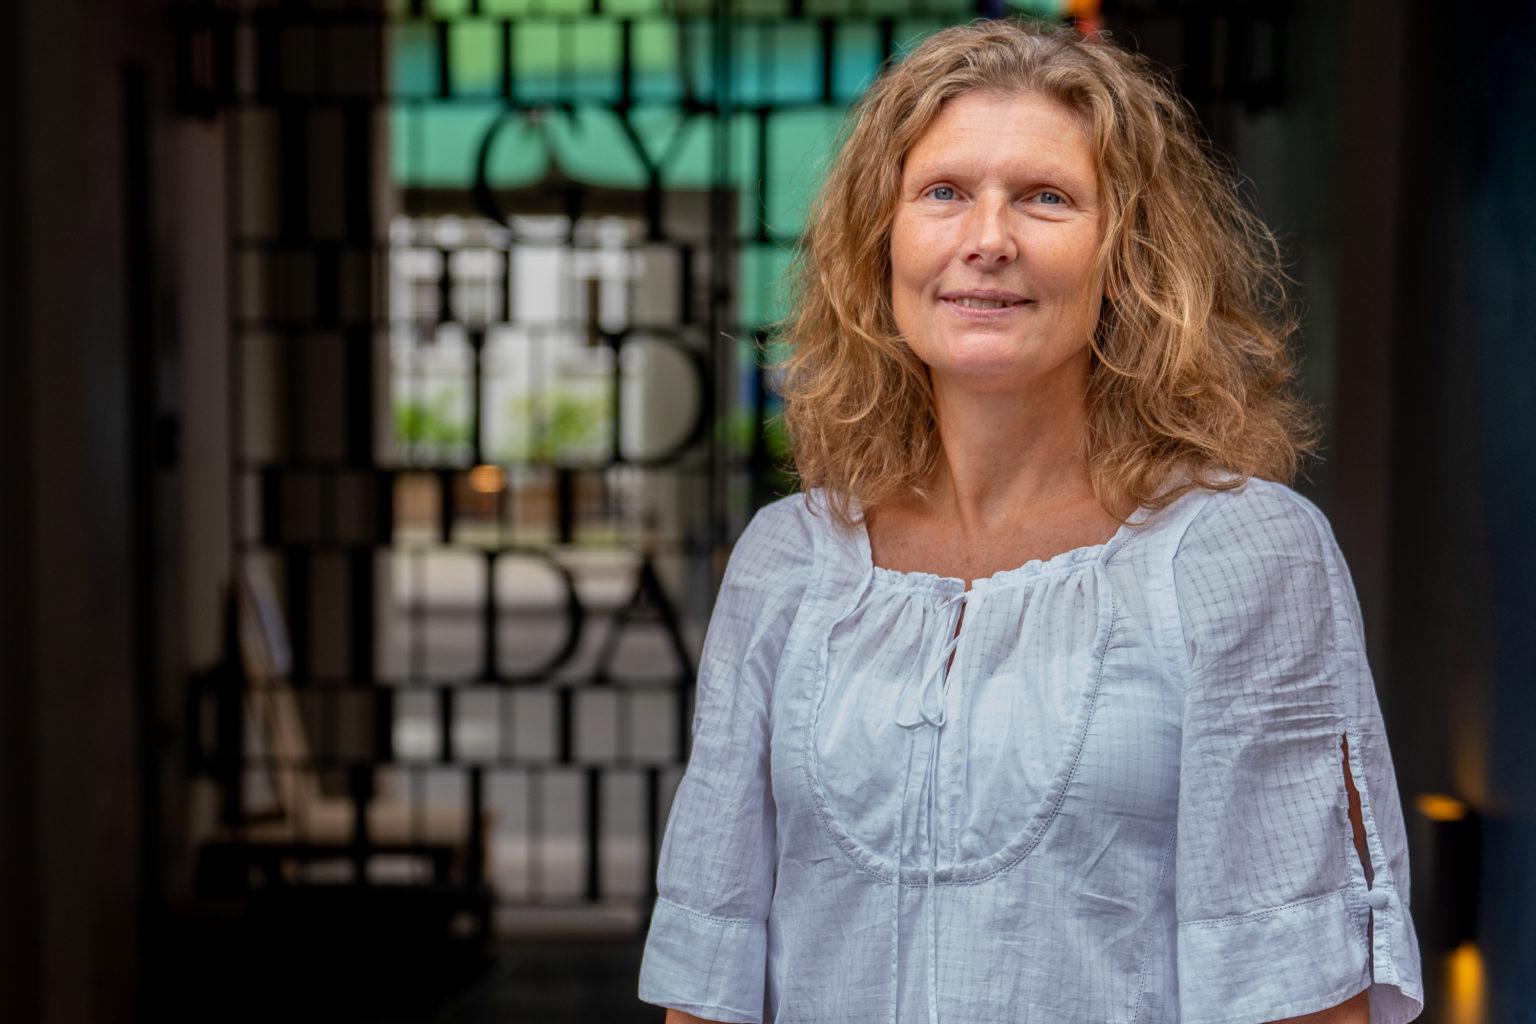 Månedens Profil: Marketingchef i Gyldendal Uddannelse